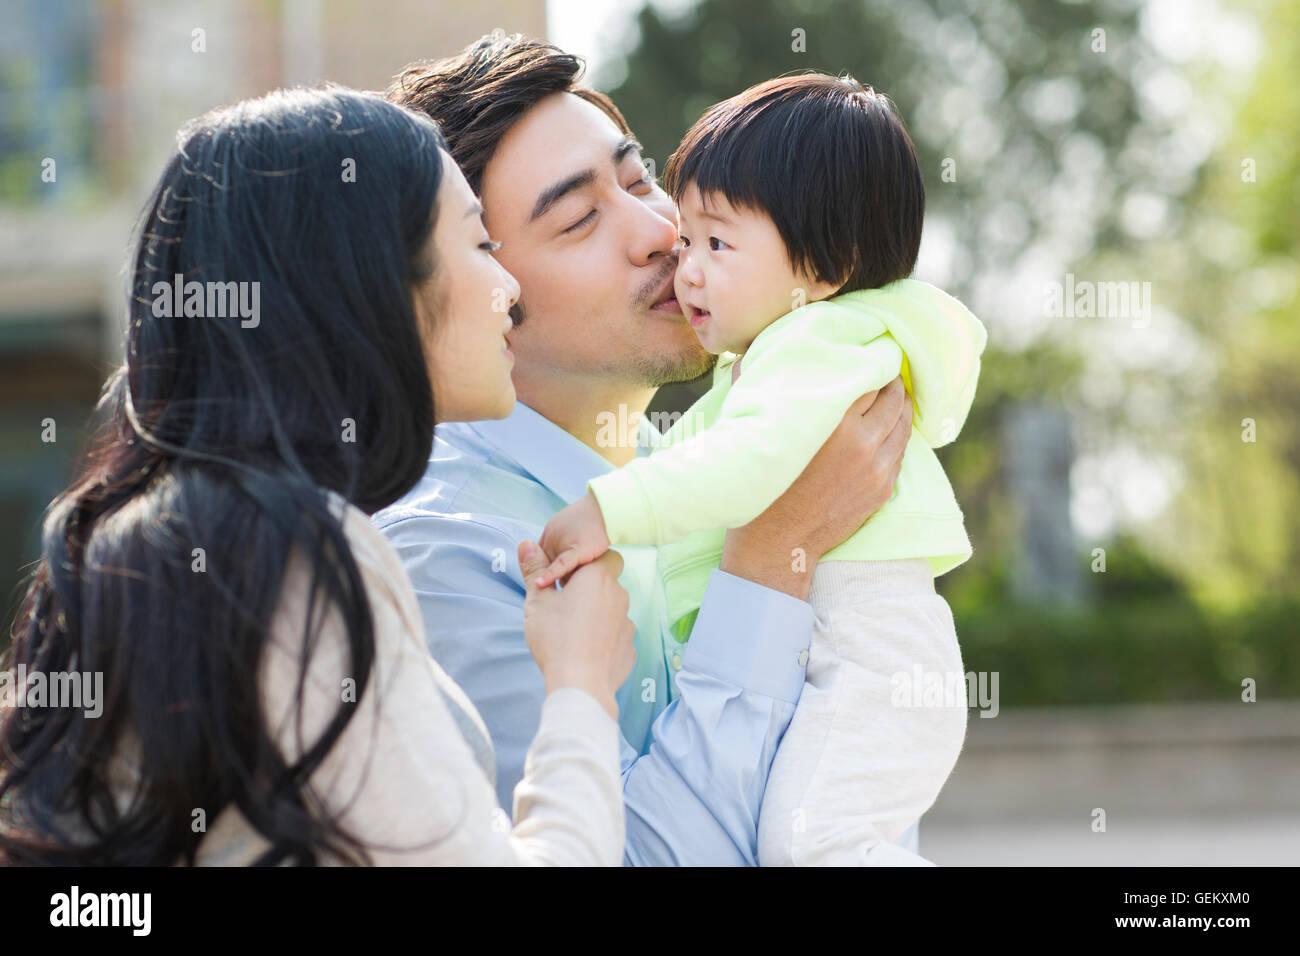 Glückliche junge chinesische Familie Stockfoto